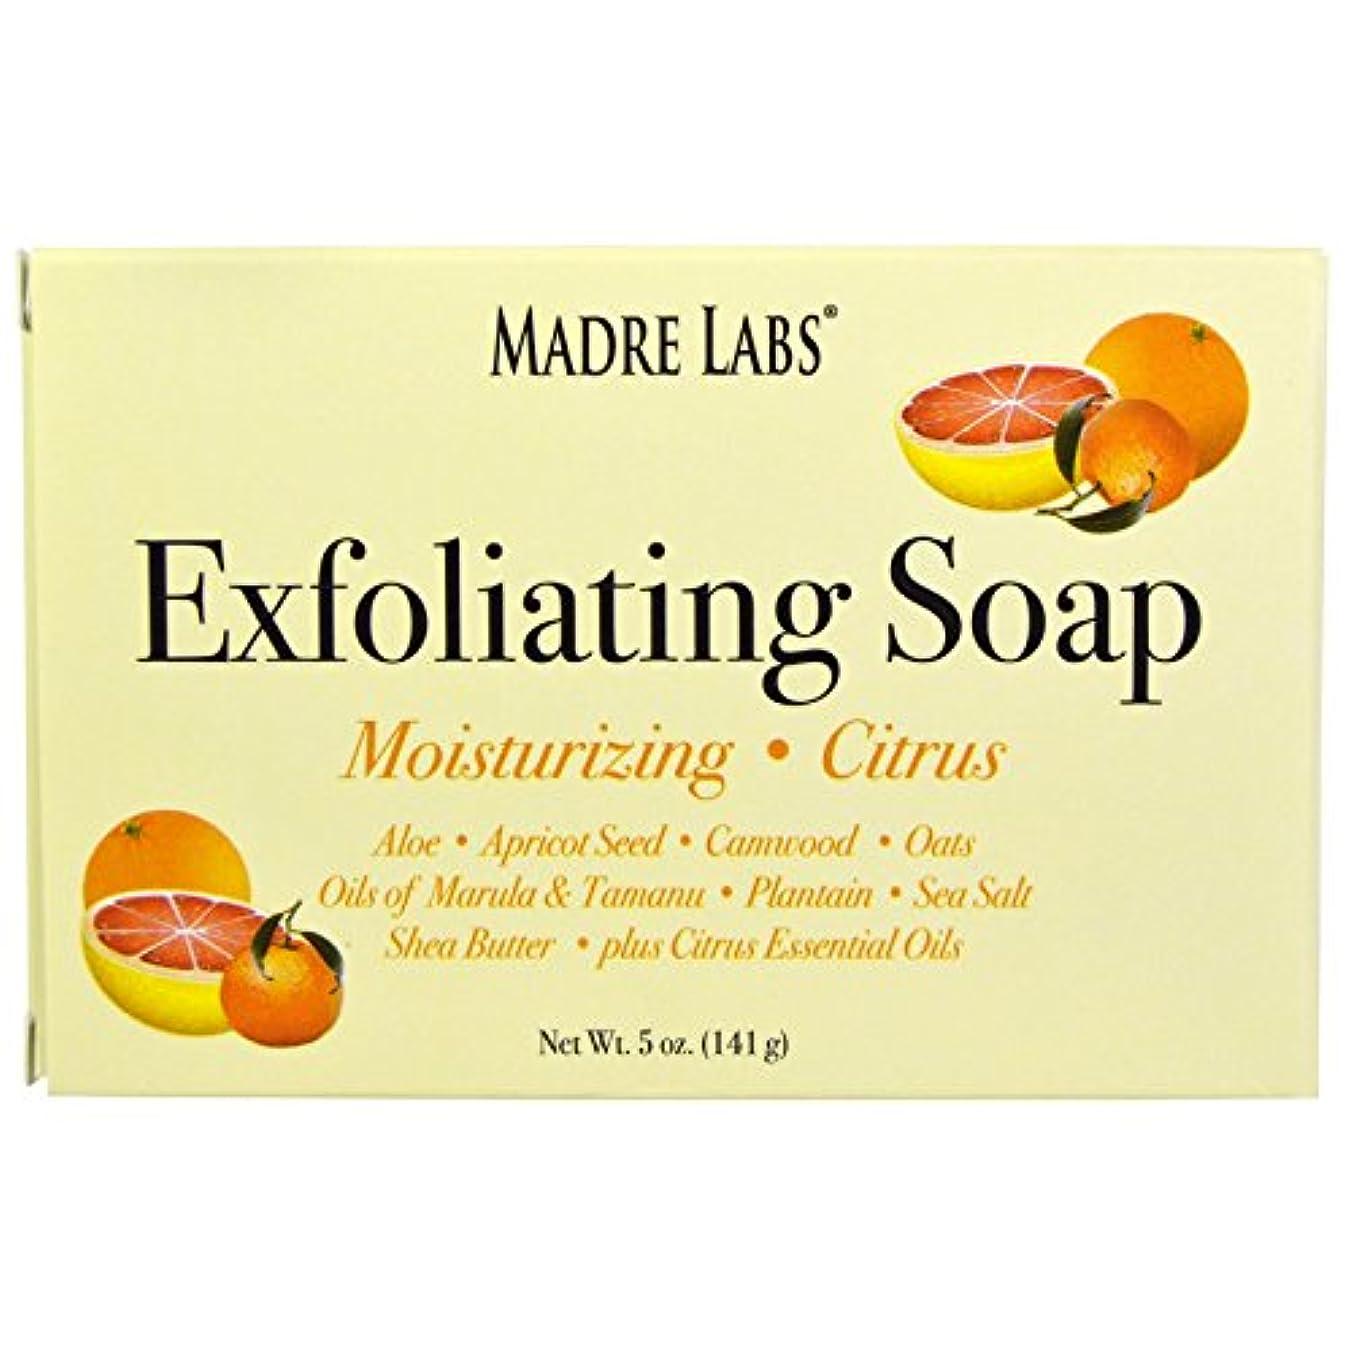 パーツサッカーあいまいなマドレラブ シアバター入り石鹸 柑橘フレーバー Madre Labs Exfoliating Soap Bar with Marula & Tamanu Oils plus Shea Butter